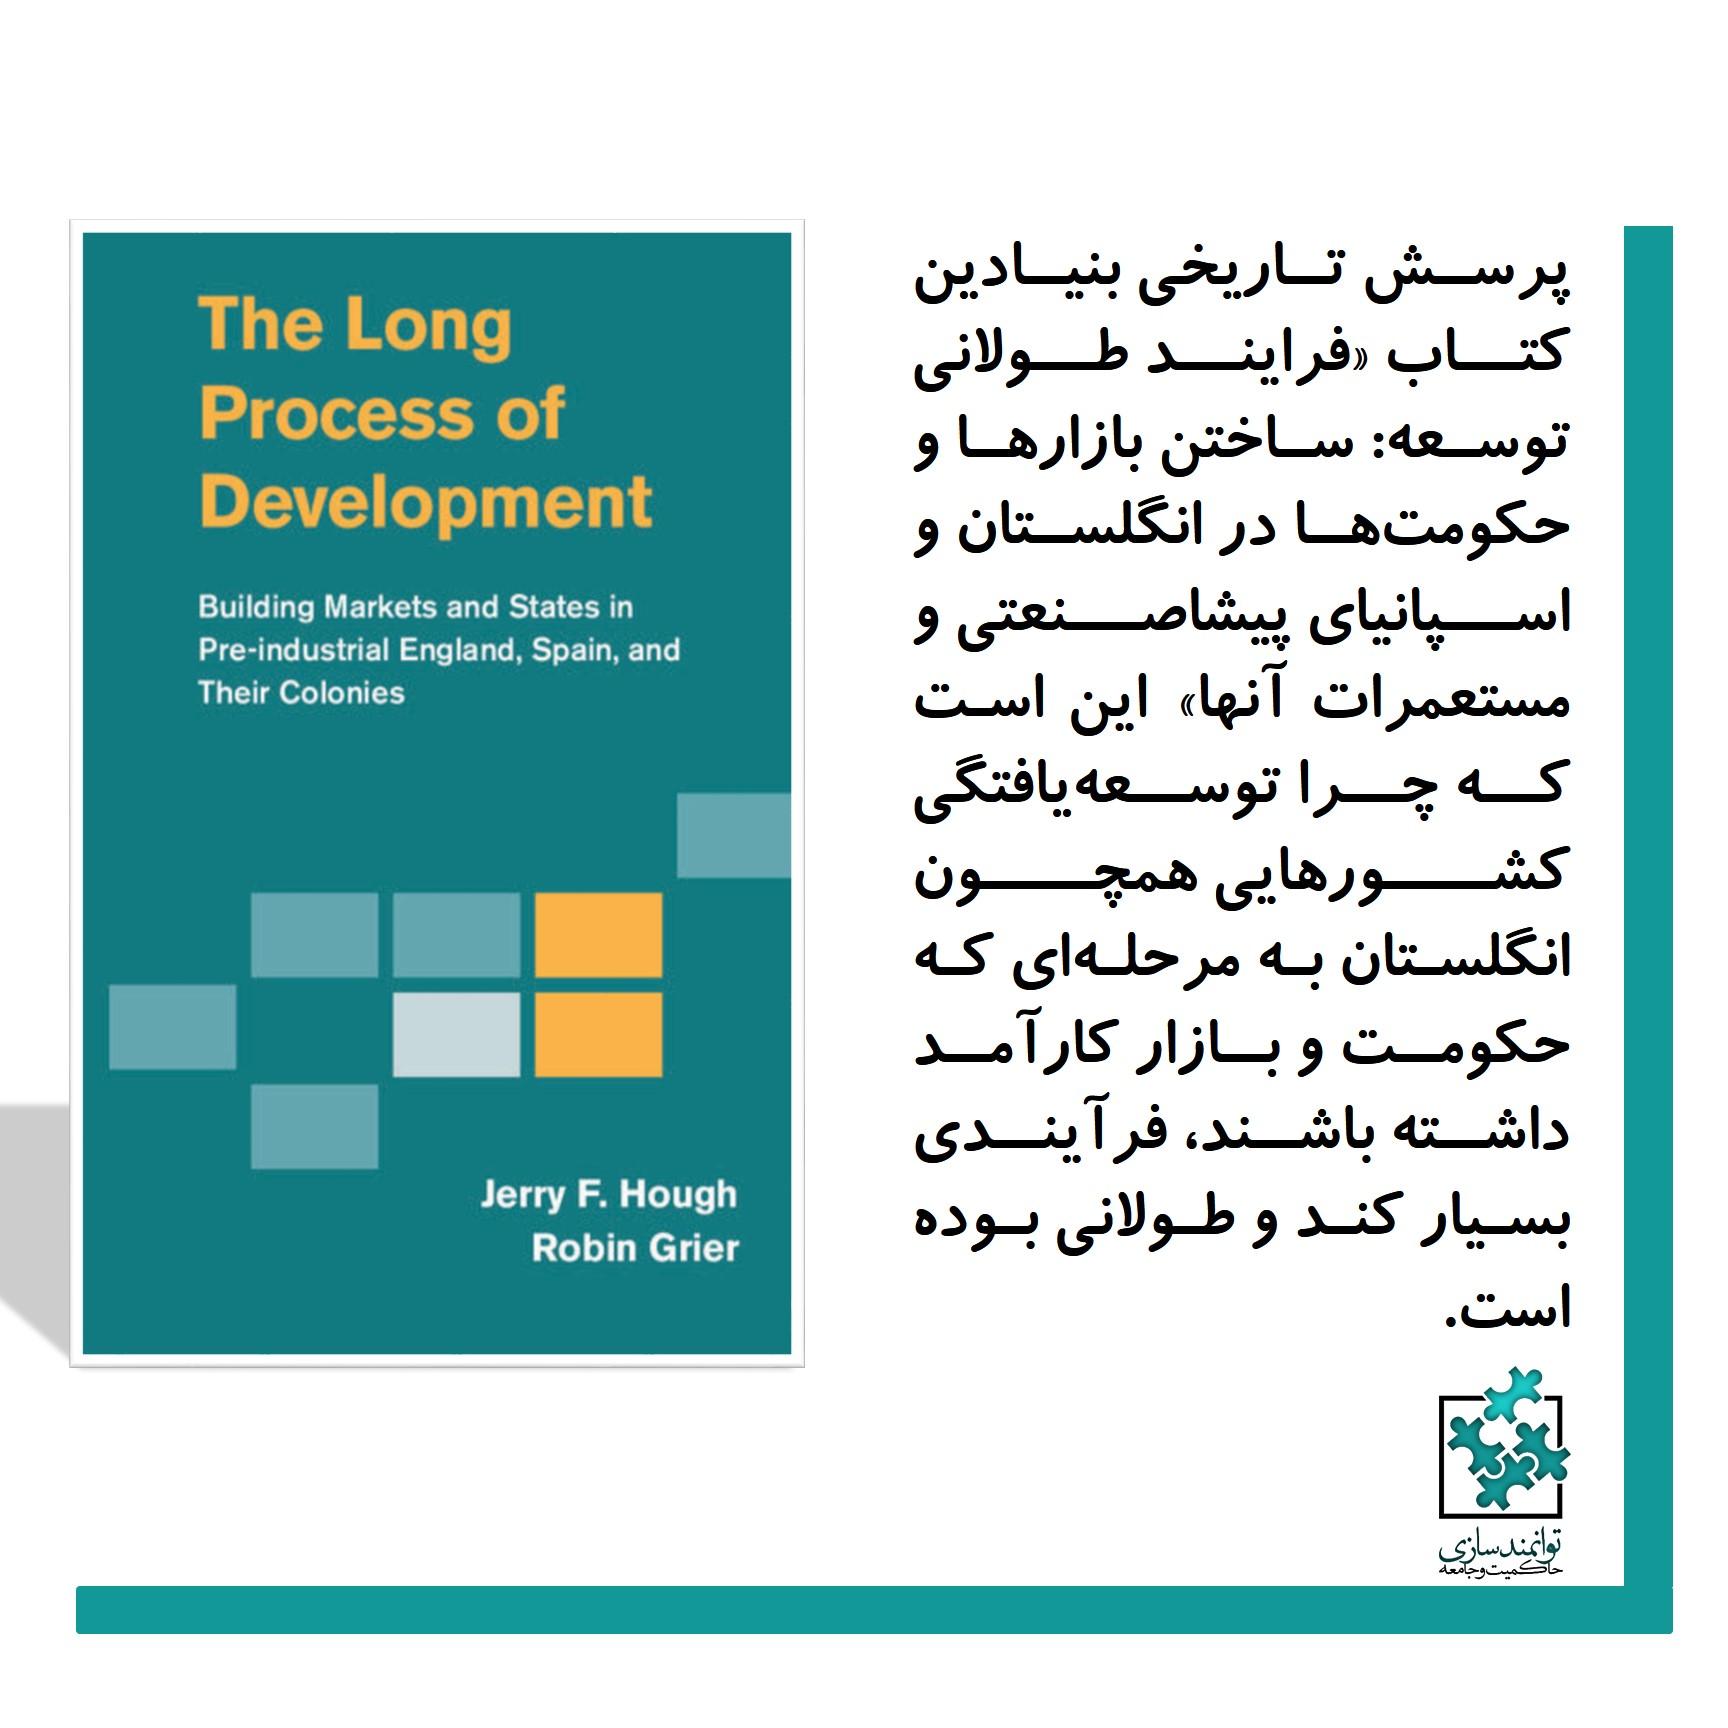 فرایند طولانی توسعه